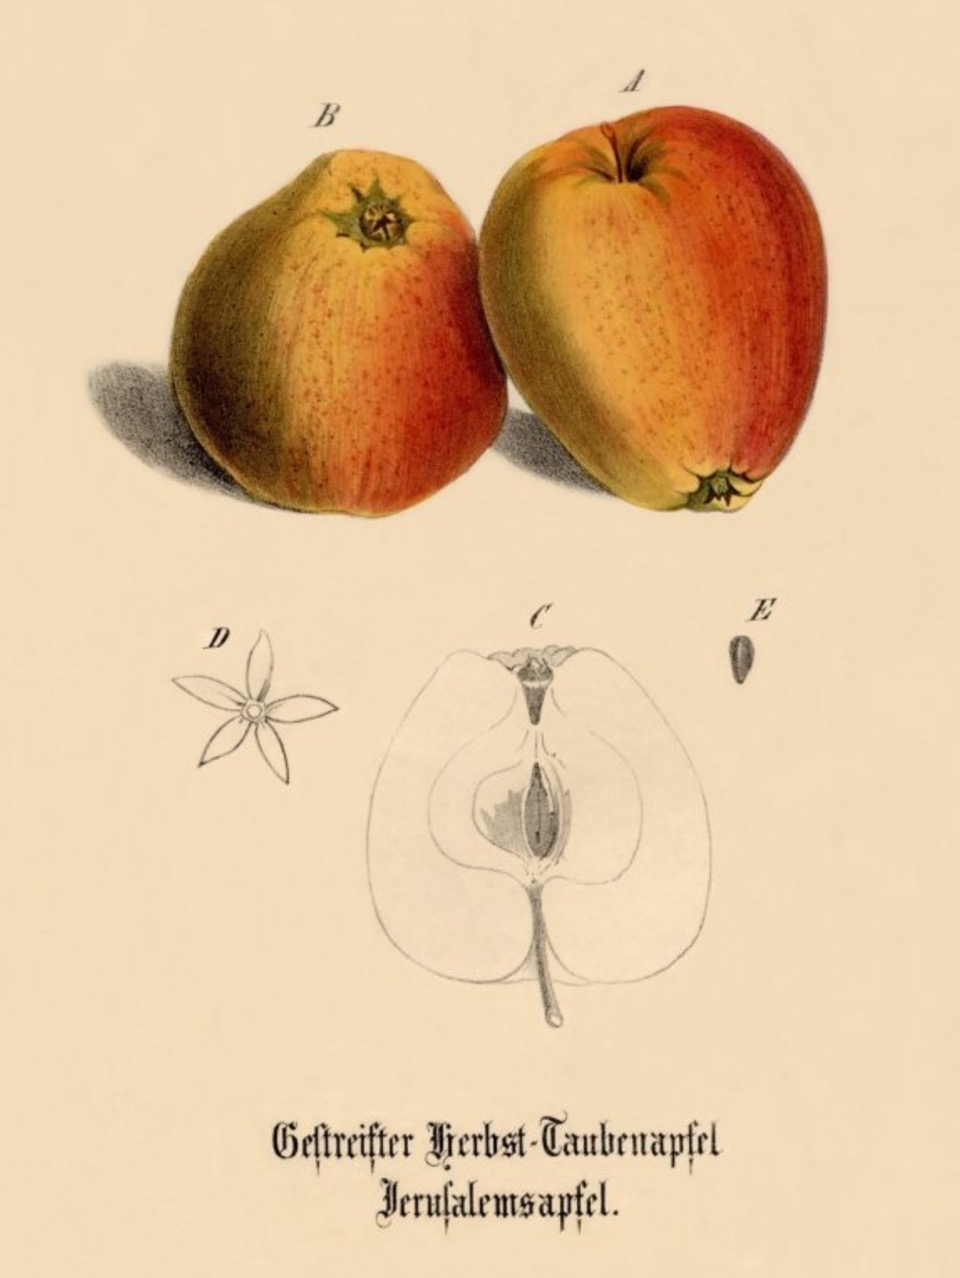 Historische Abbildung zweier gelblich-roter und eines aufgeschnittenen Apfels; BUND Lemgo Obstsortendatenbank